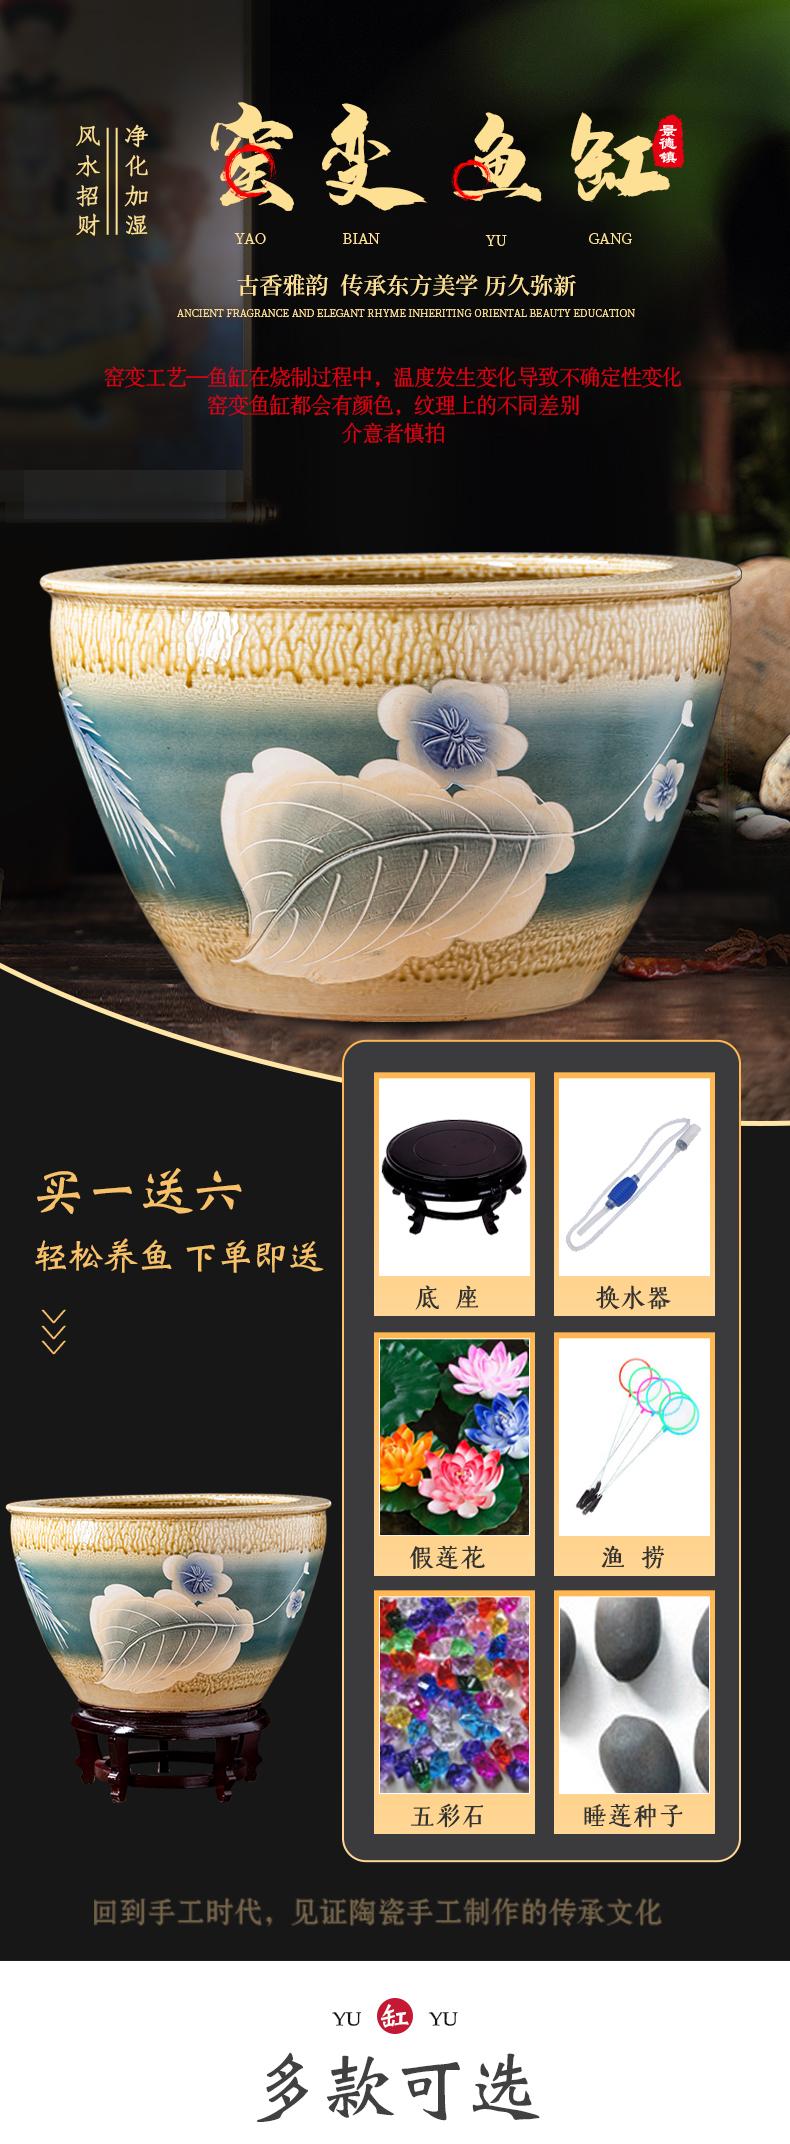 景德镇陶瓷复古鱼缸仿古养金鱼缸乌龟缸睡莲盆荷花缸碗莲缸特大号